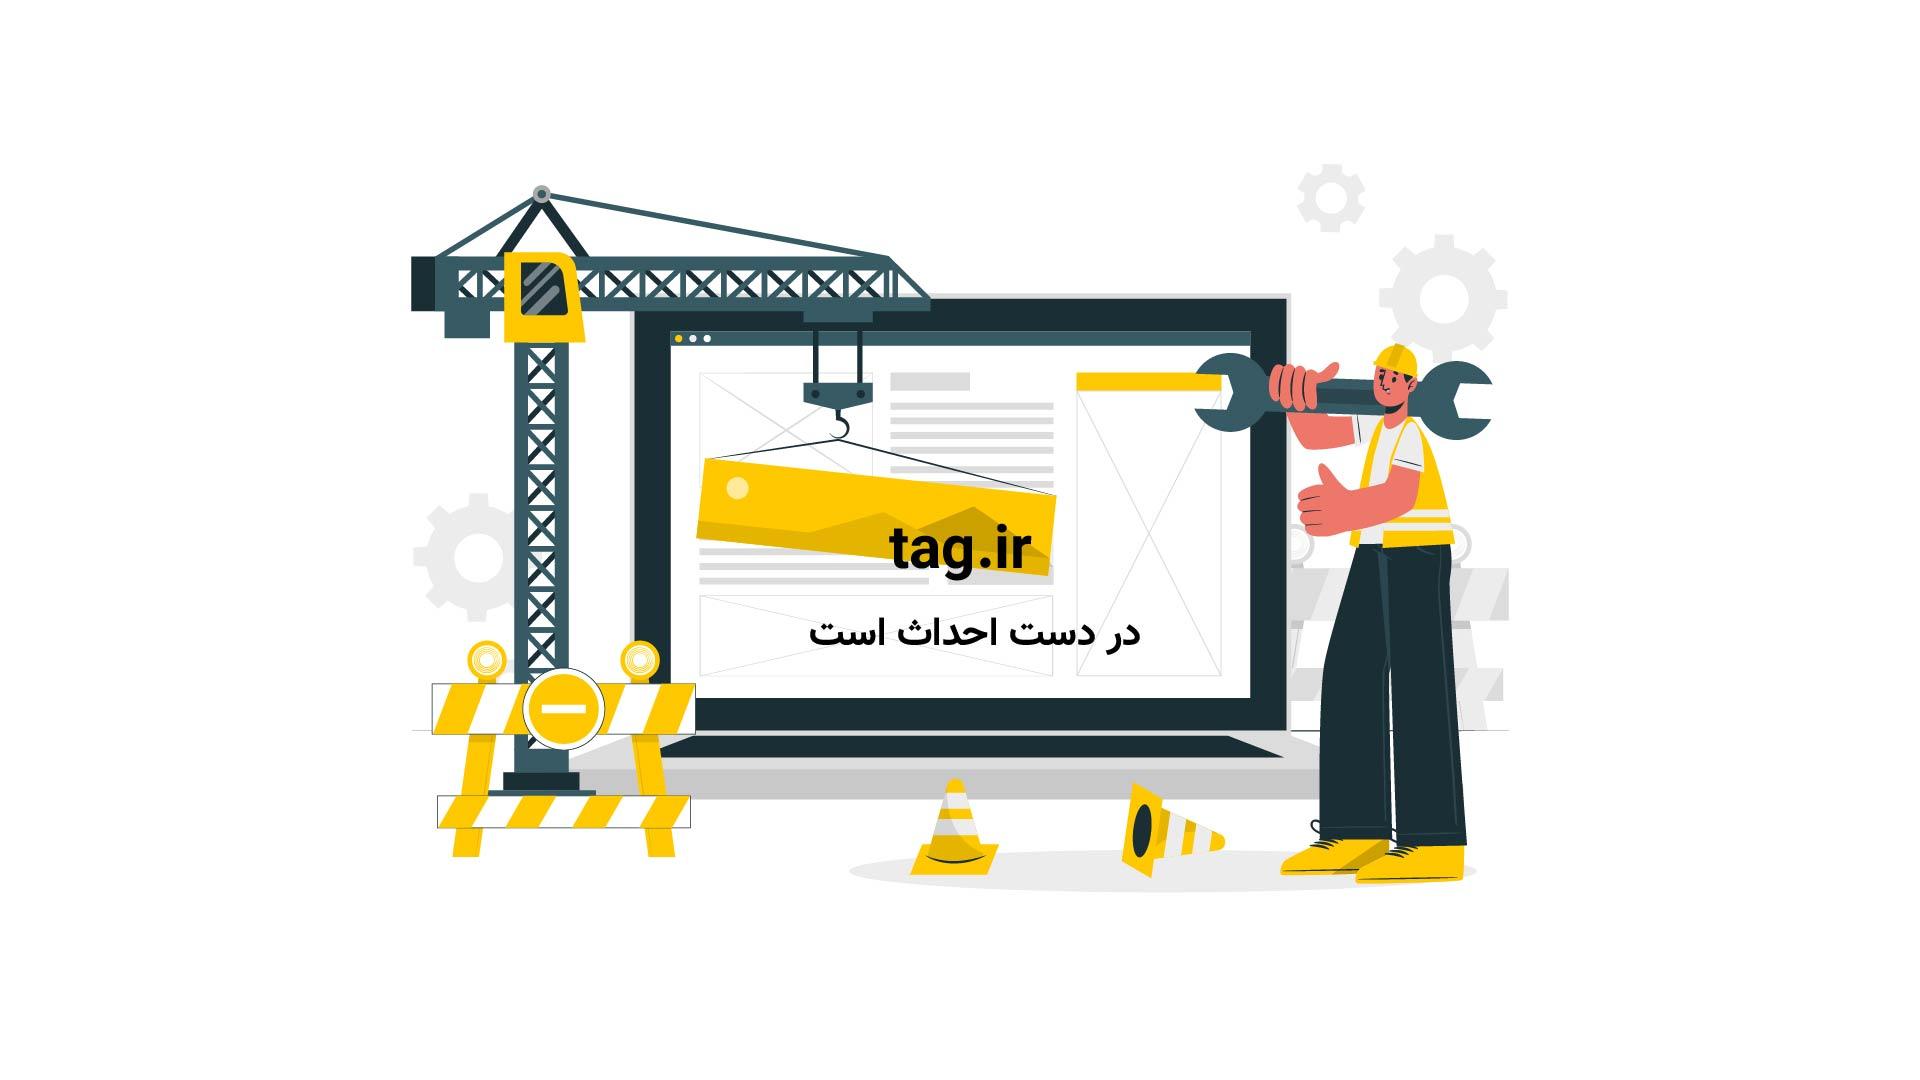 تیمهای یک هشتم نهایی لیگ قهرمانان اروپا | فیلم